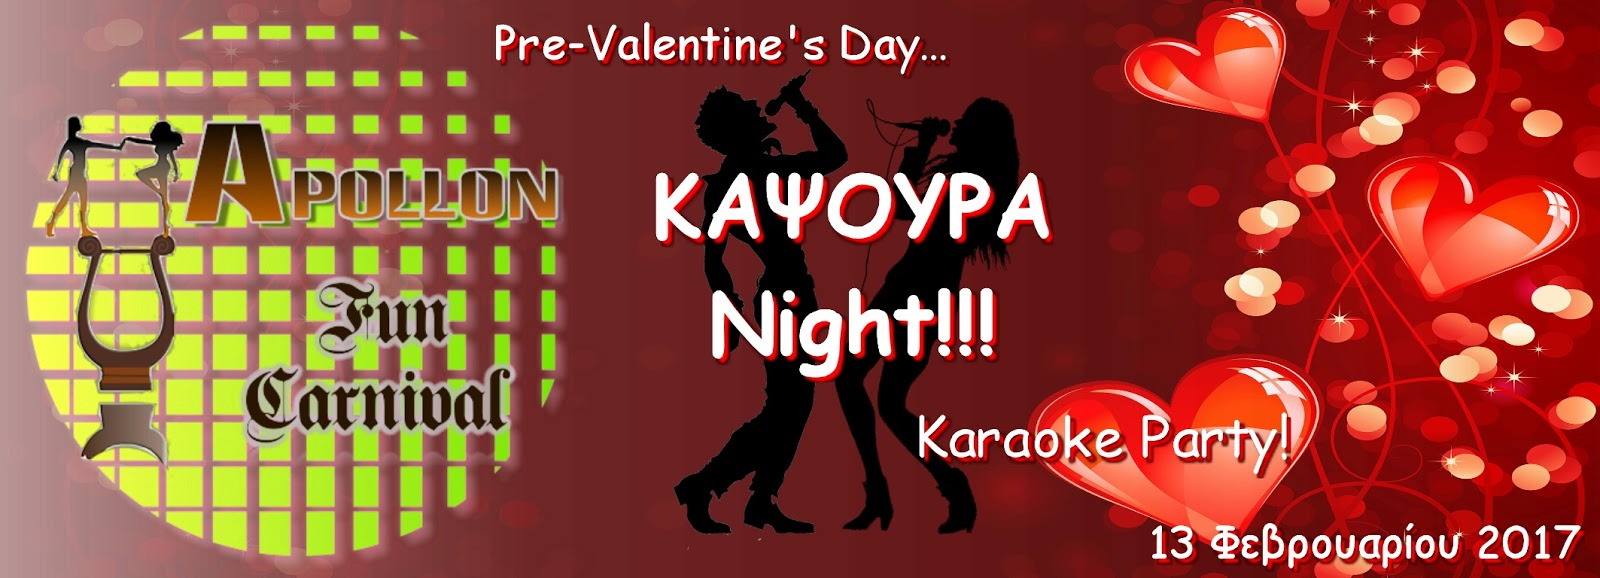 2e1797197e Apollon dance studio  Pre-Valentine s ΚΑΨΟΥΡΑ Karaoke Party - Σχολή ...